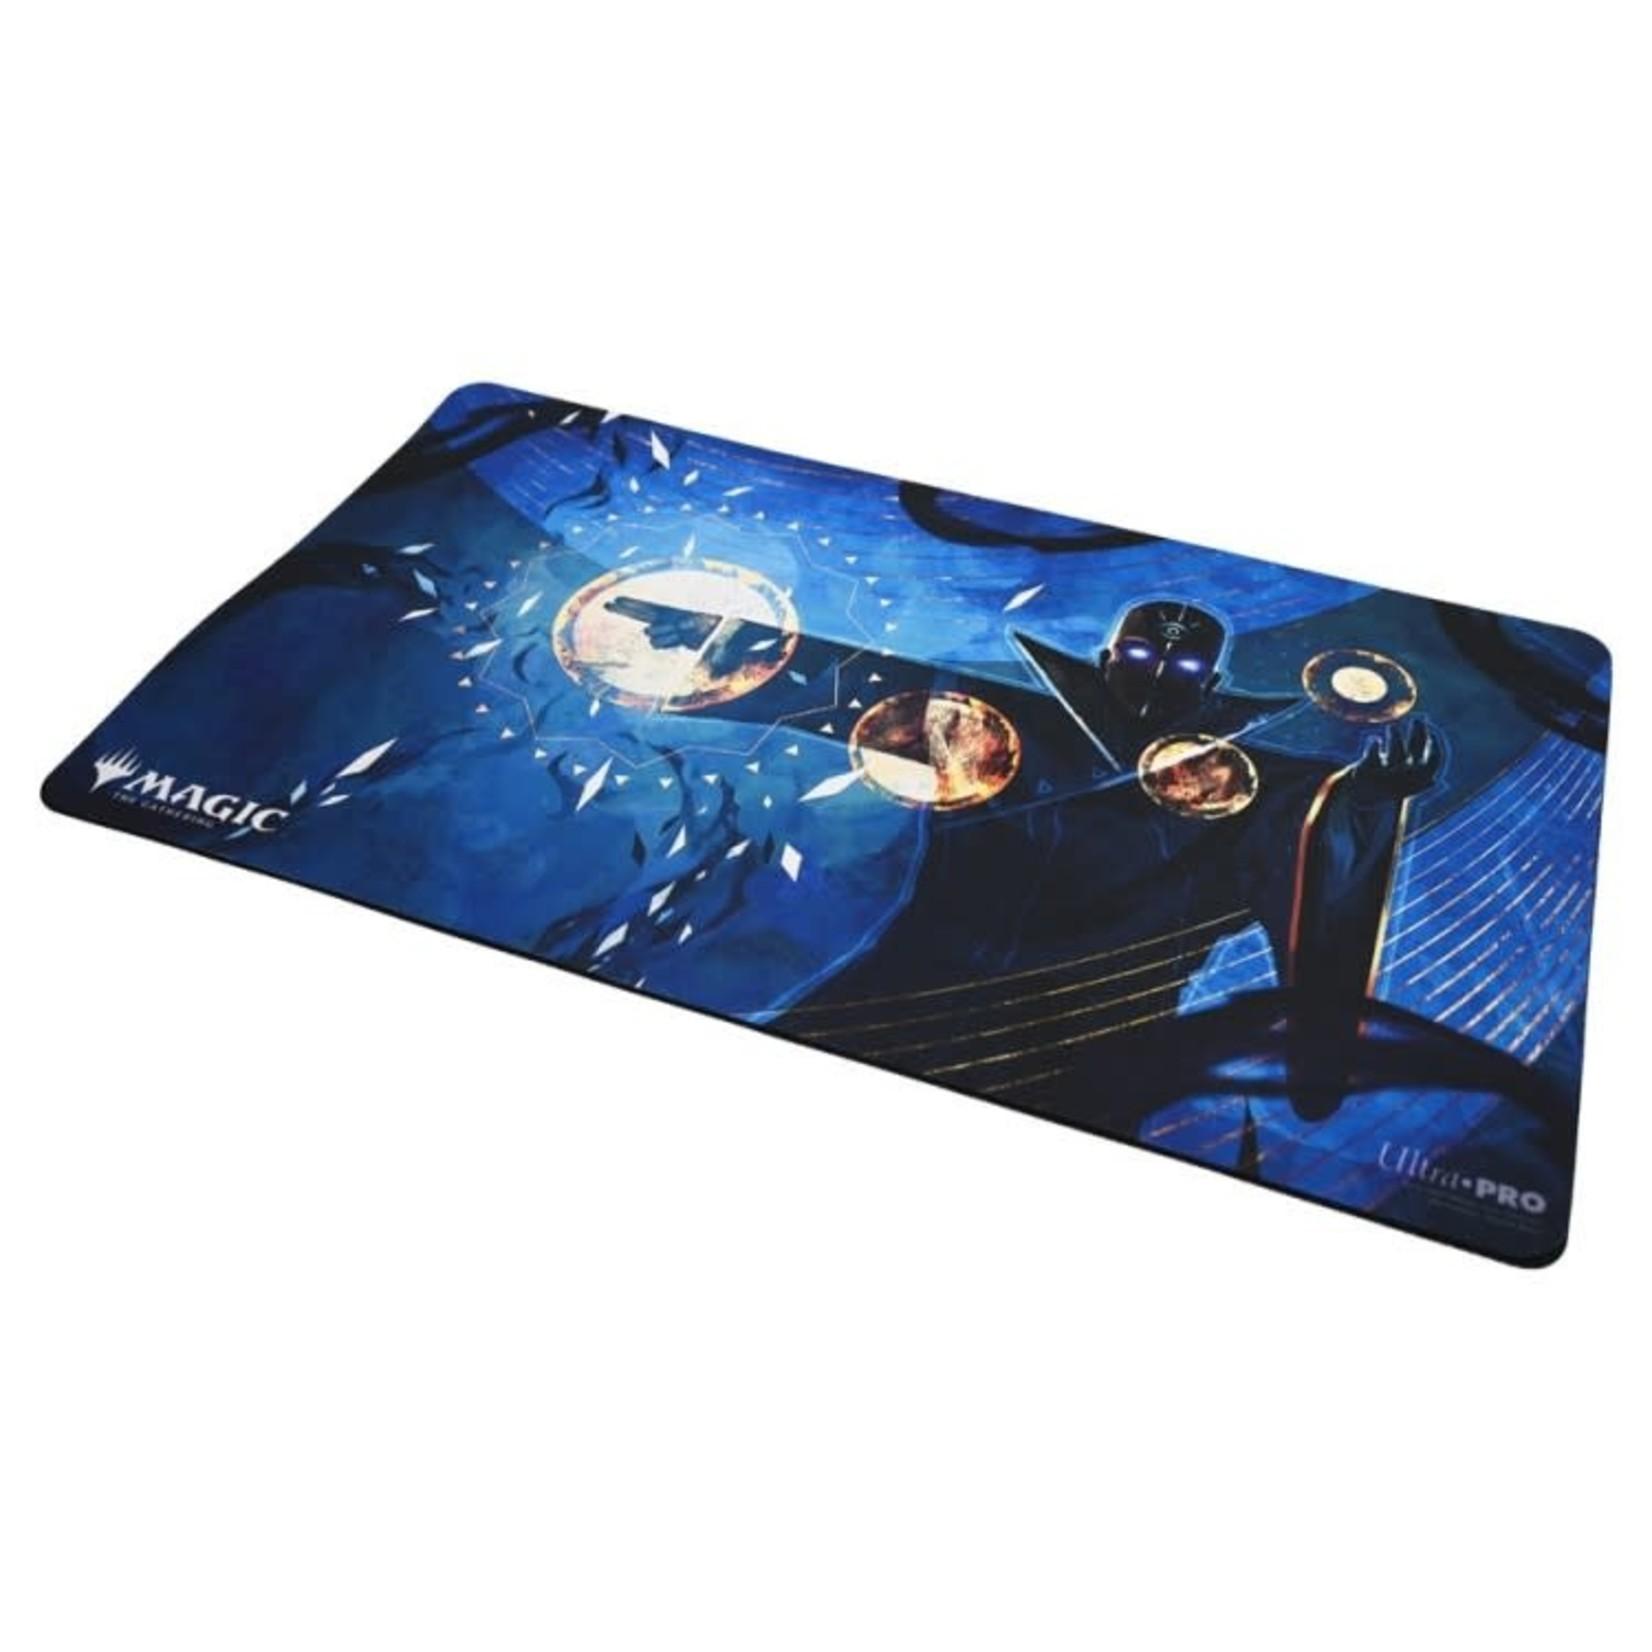 Ultra Pro Ultra Pro Playmat: MTG Mystical Archive - Negate